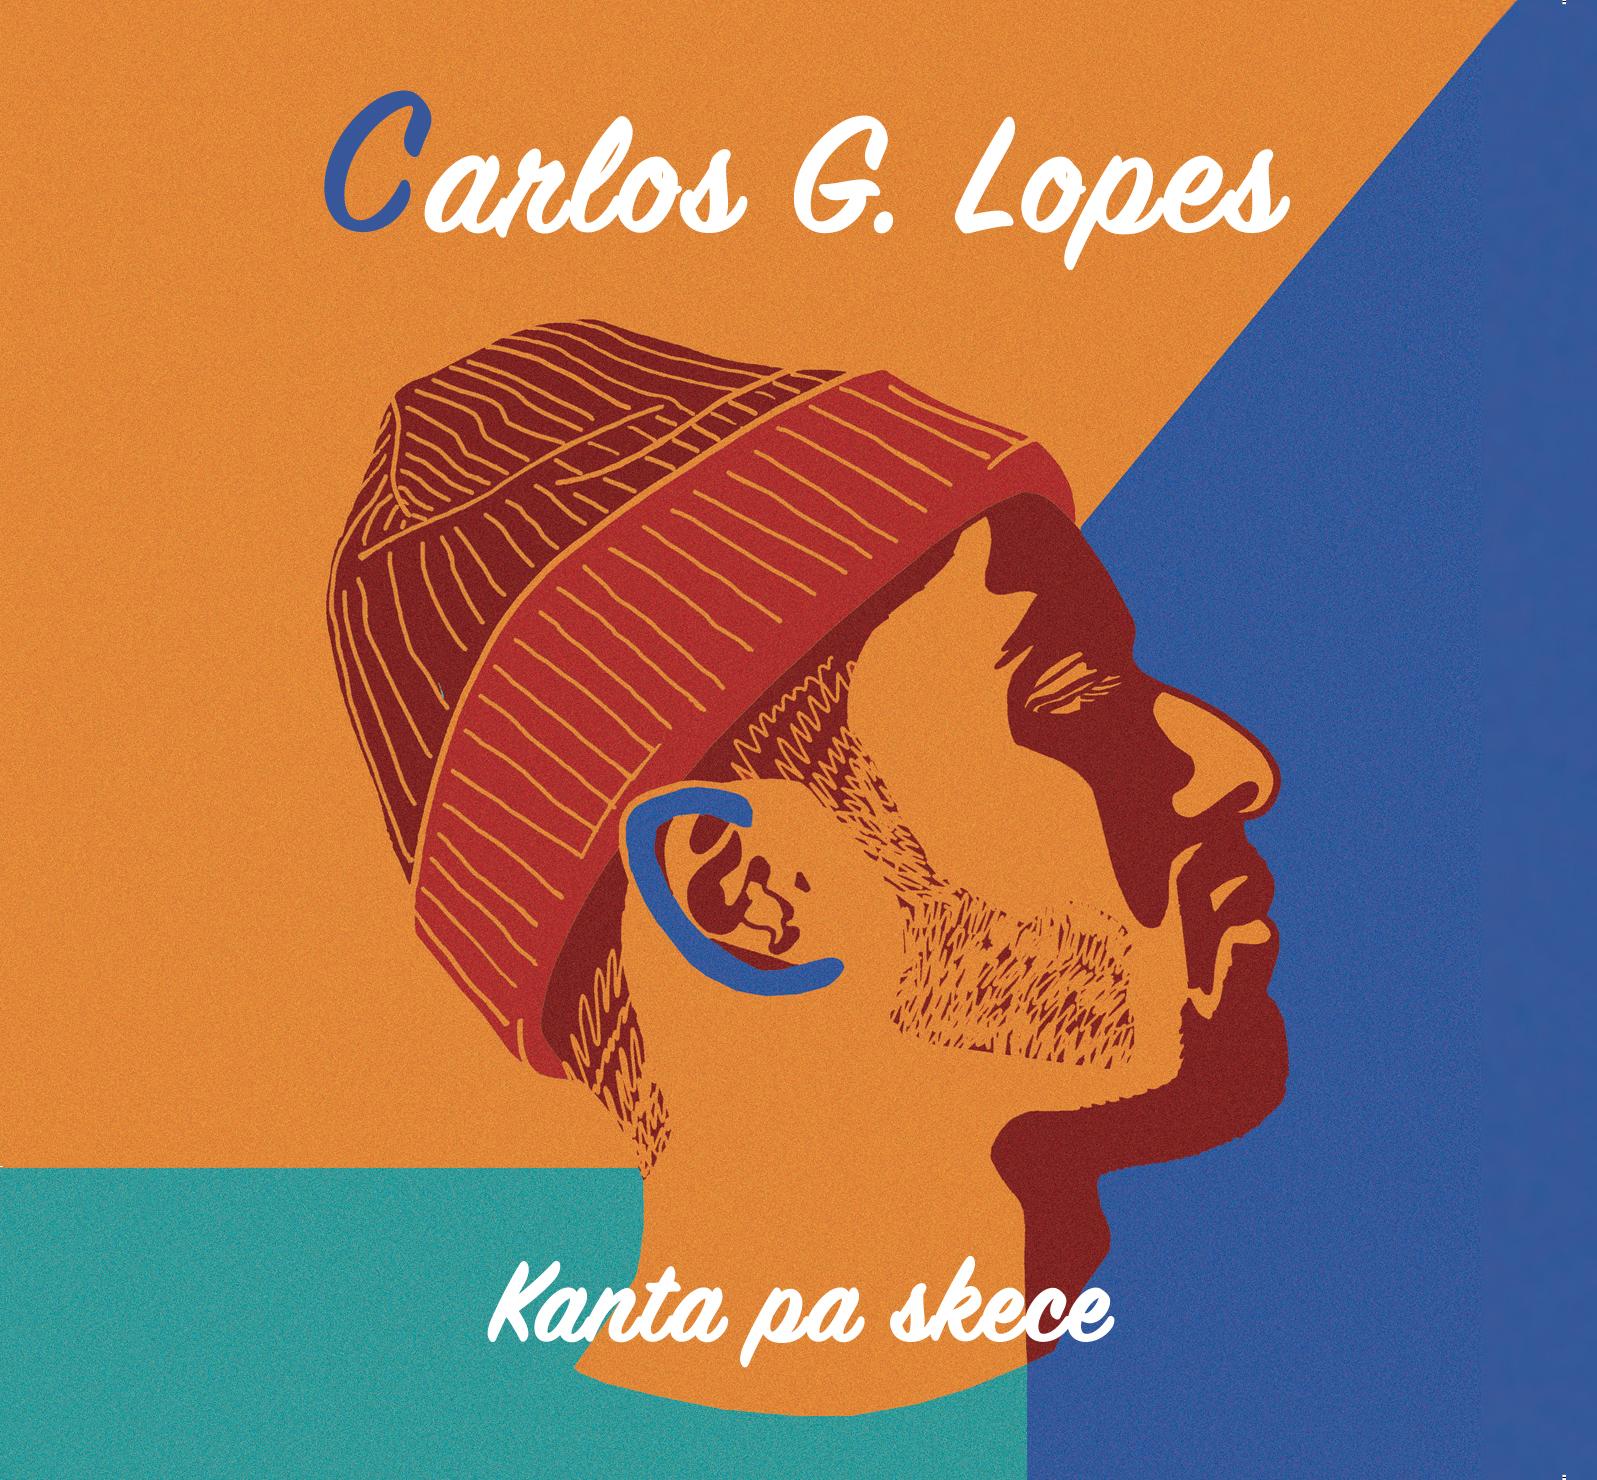 cover-carlos-kantapaskece